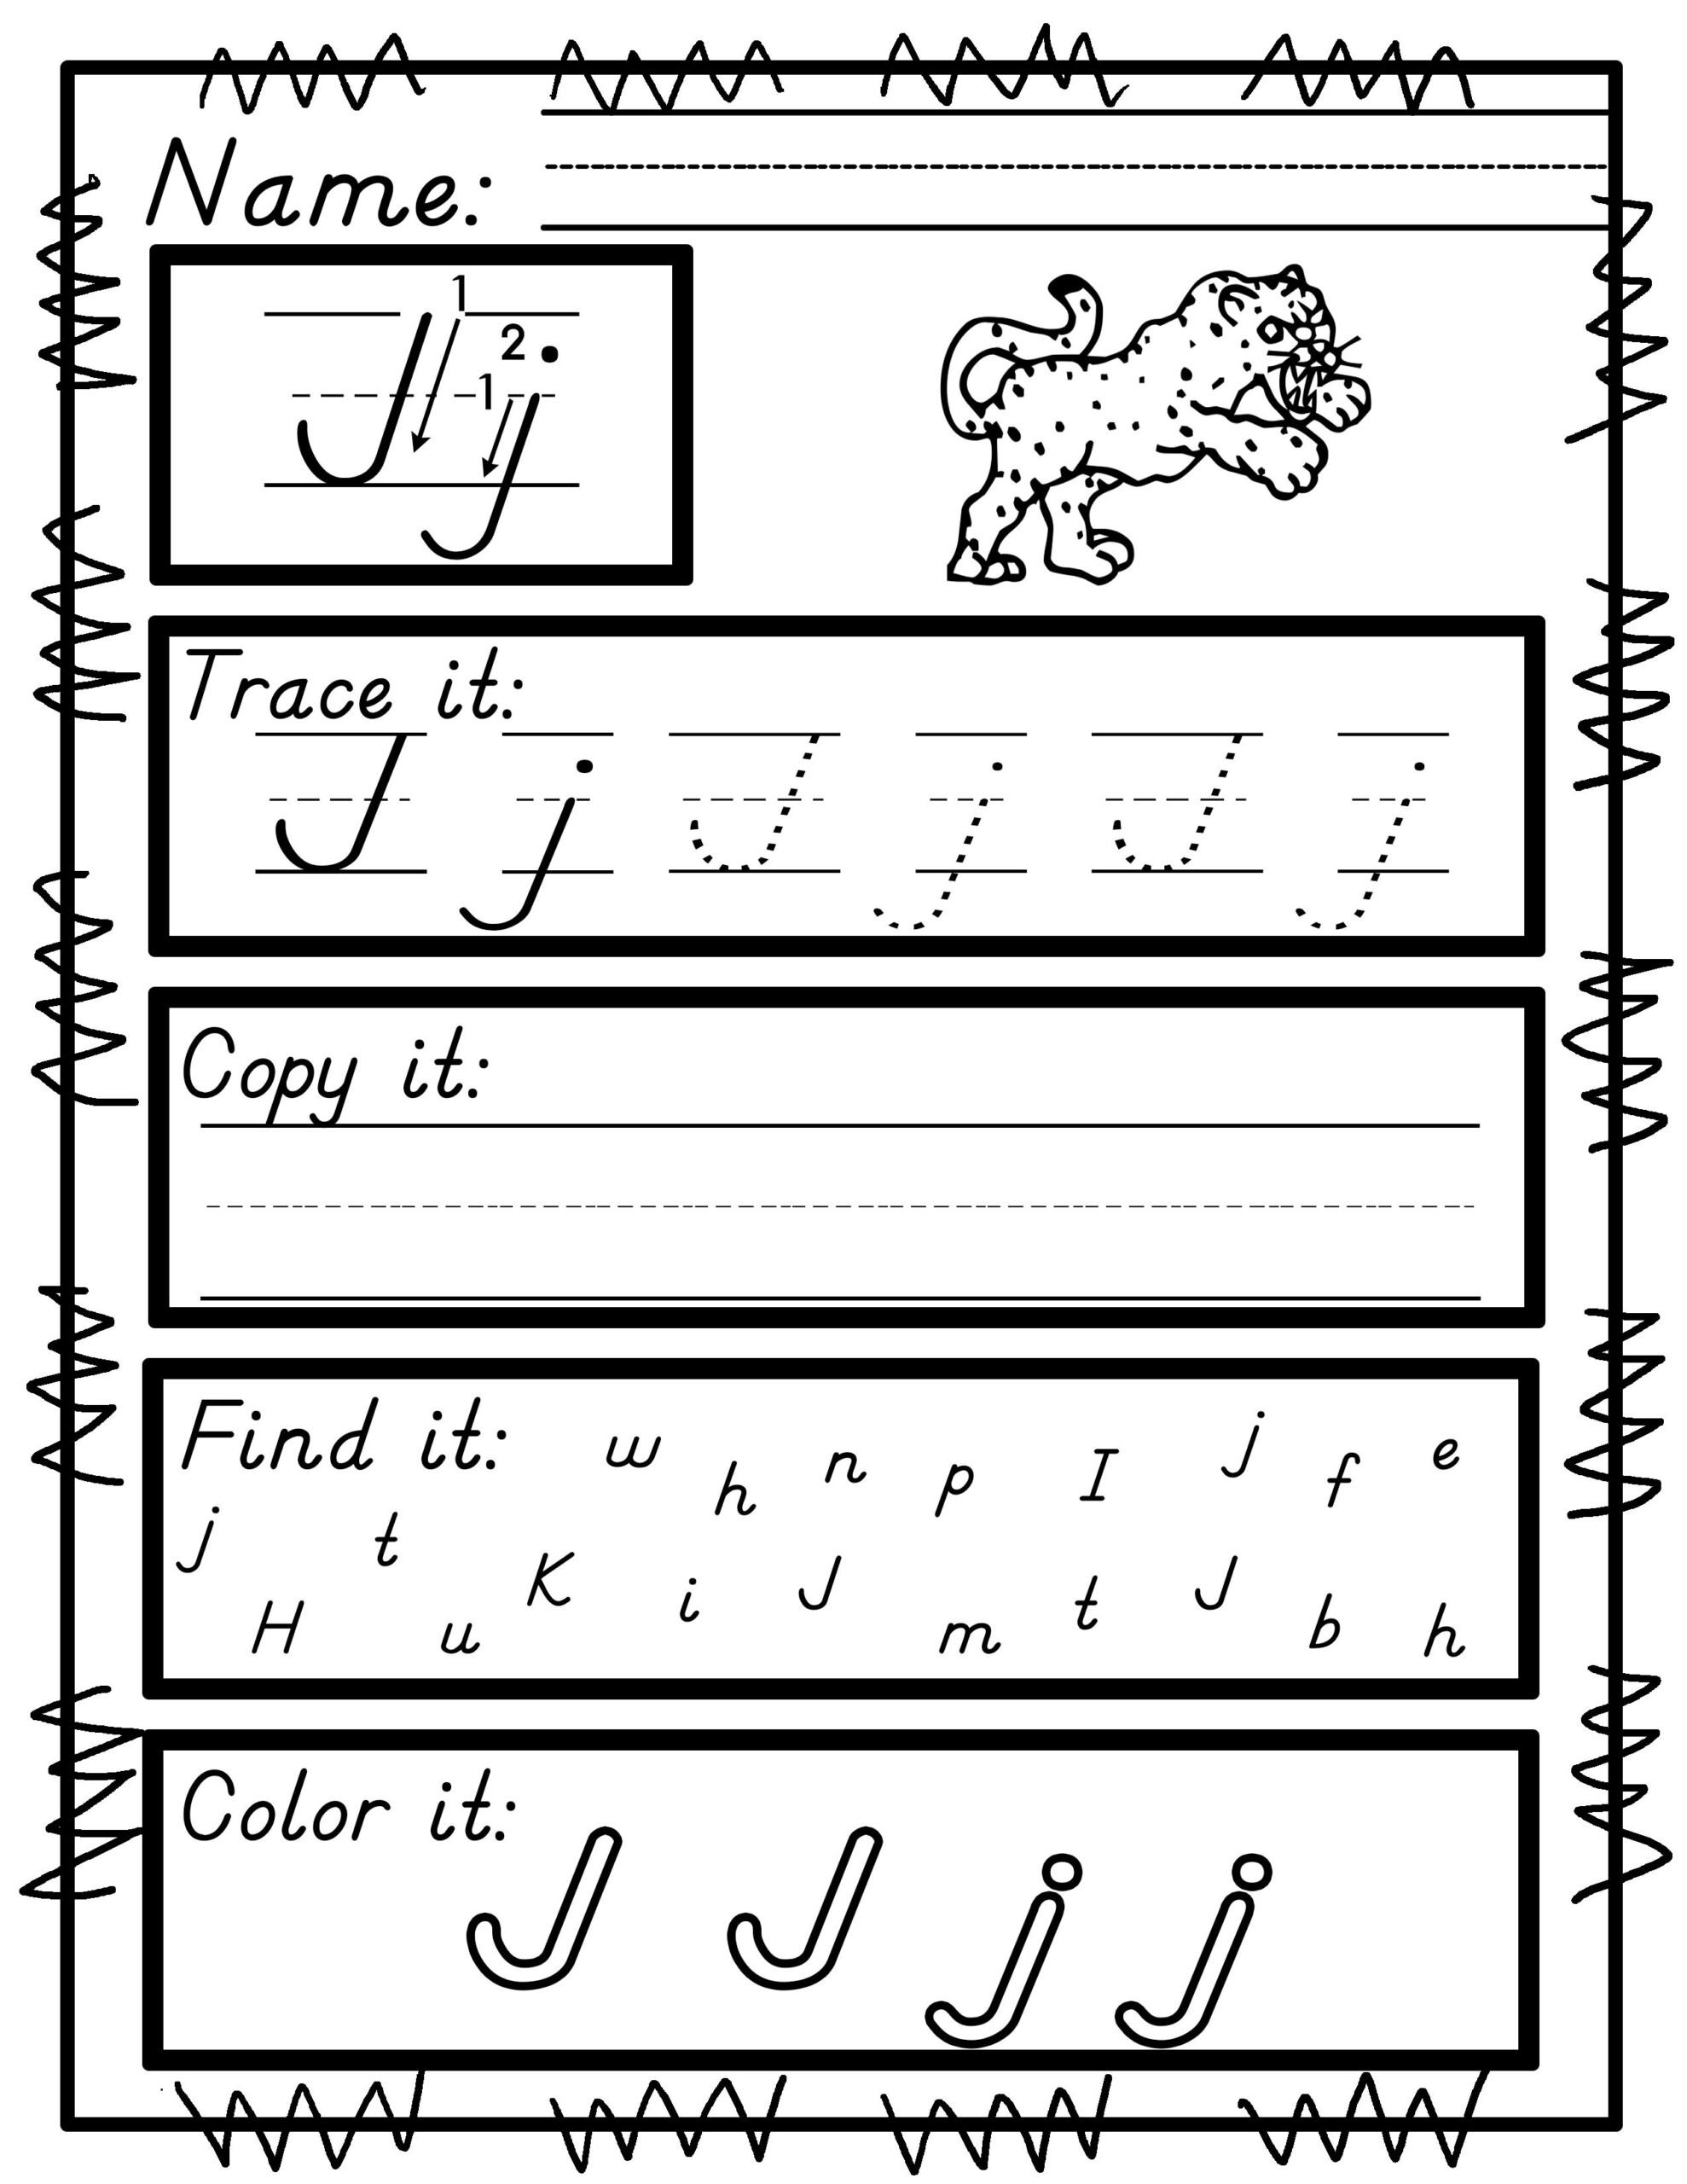 Worksheets For D'nealian Manuscript Handwriting Practice